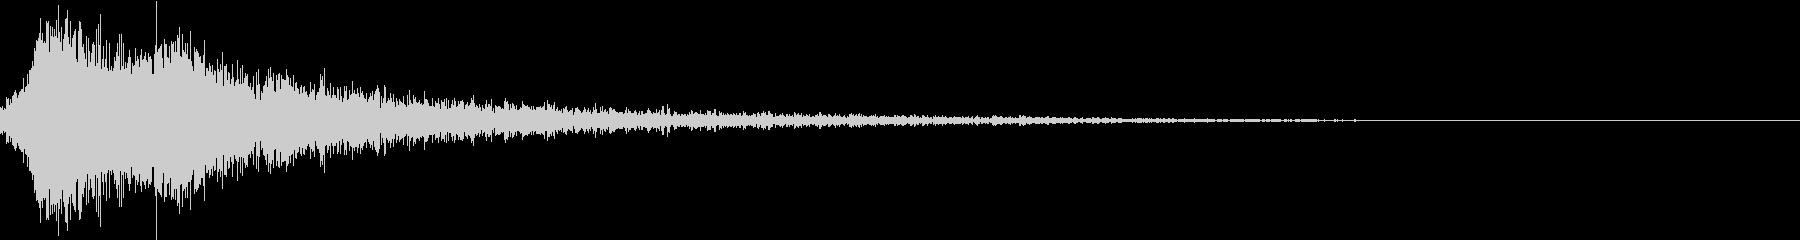 和風シャキン(テロップ,オリンピック等)の未再生の波形